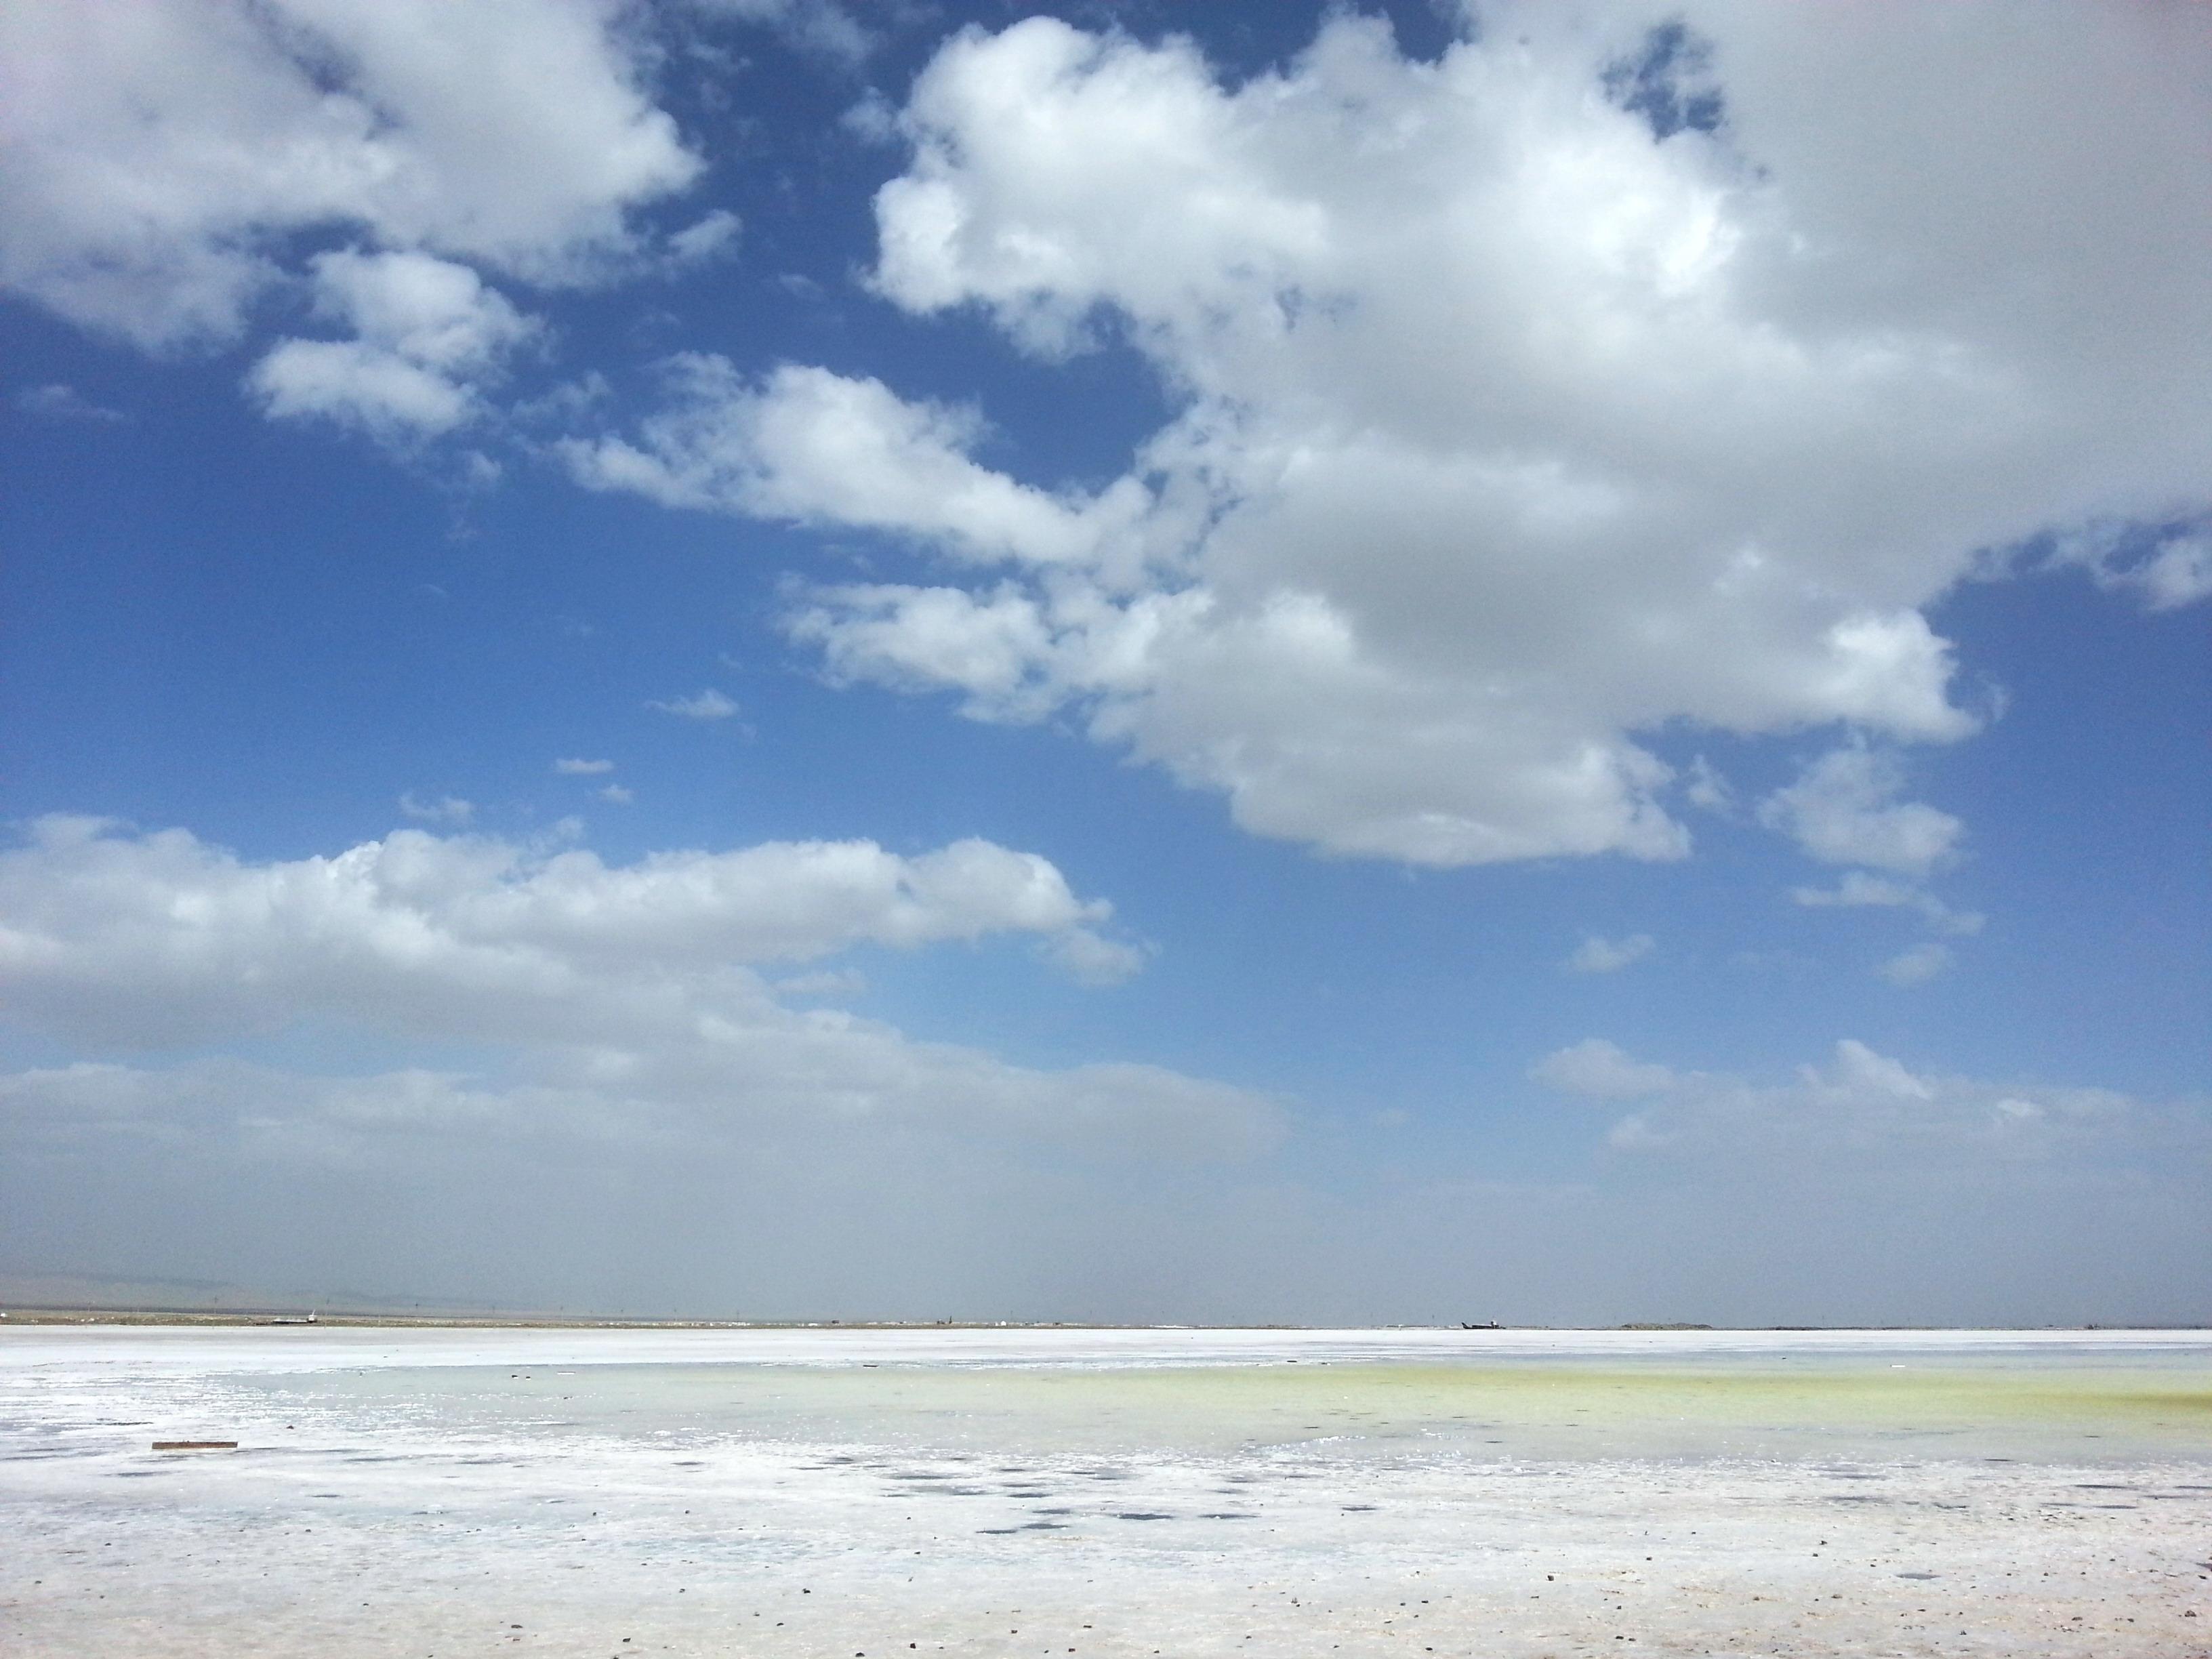 【携程攻略】青海茶卡盐湖单独旅行点评_评价,茶卡样